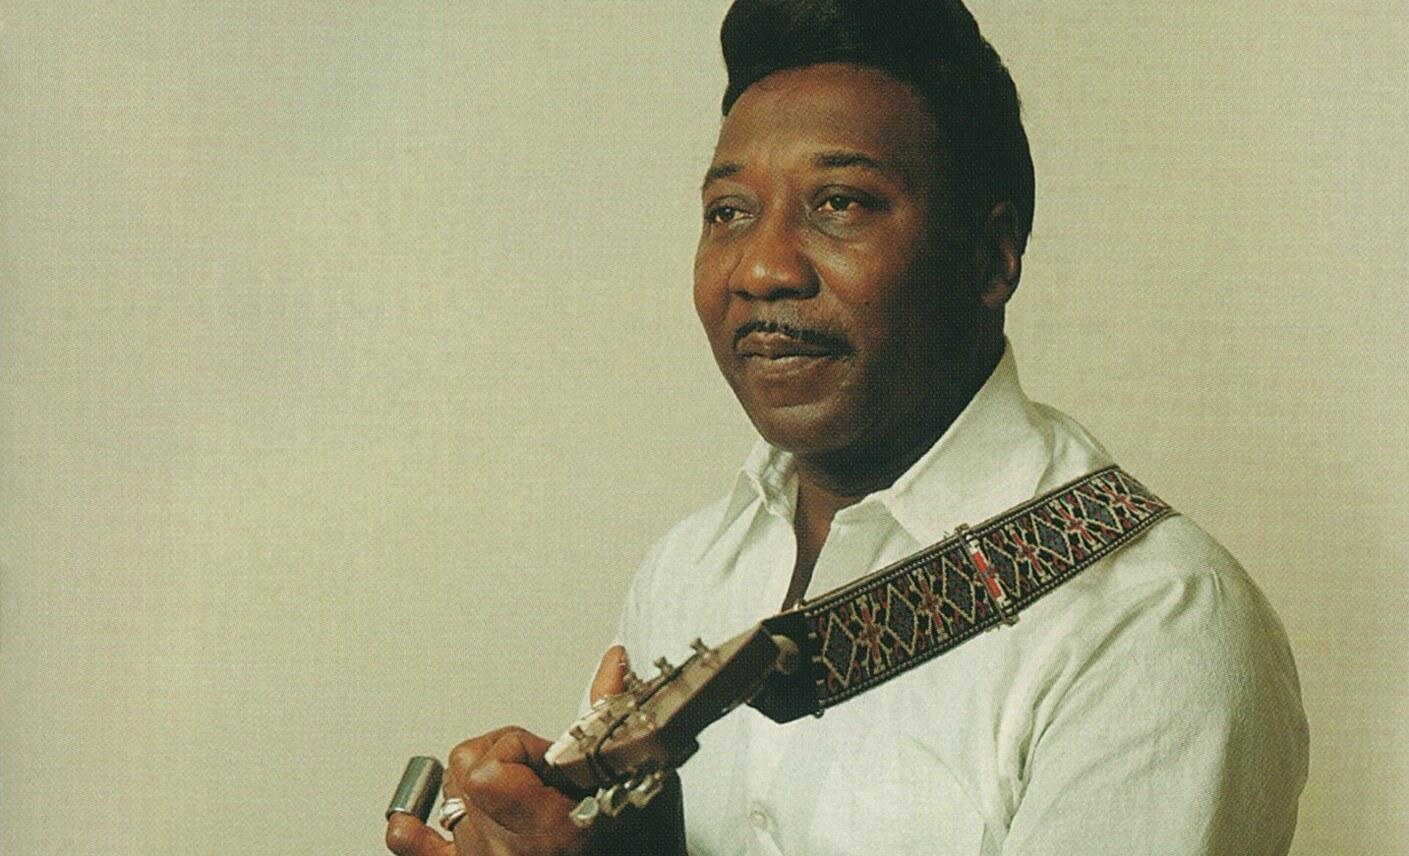 Muddy Waters meilleur guitariste blues